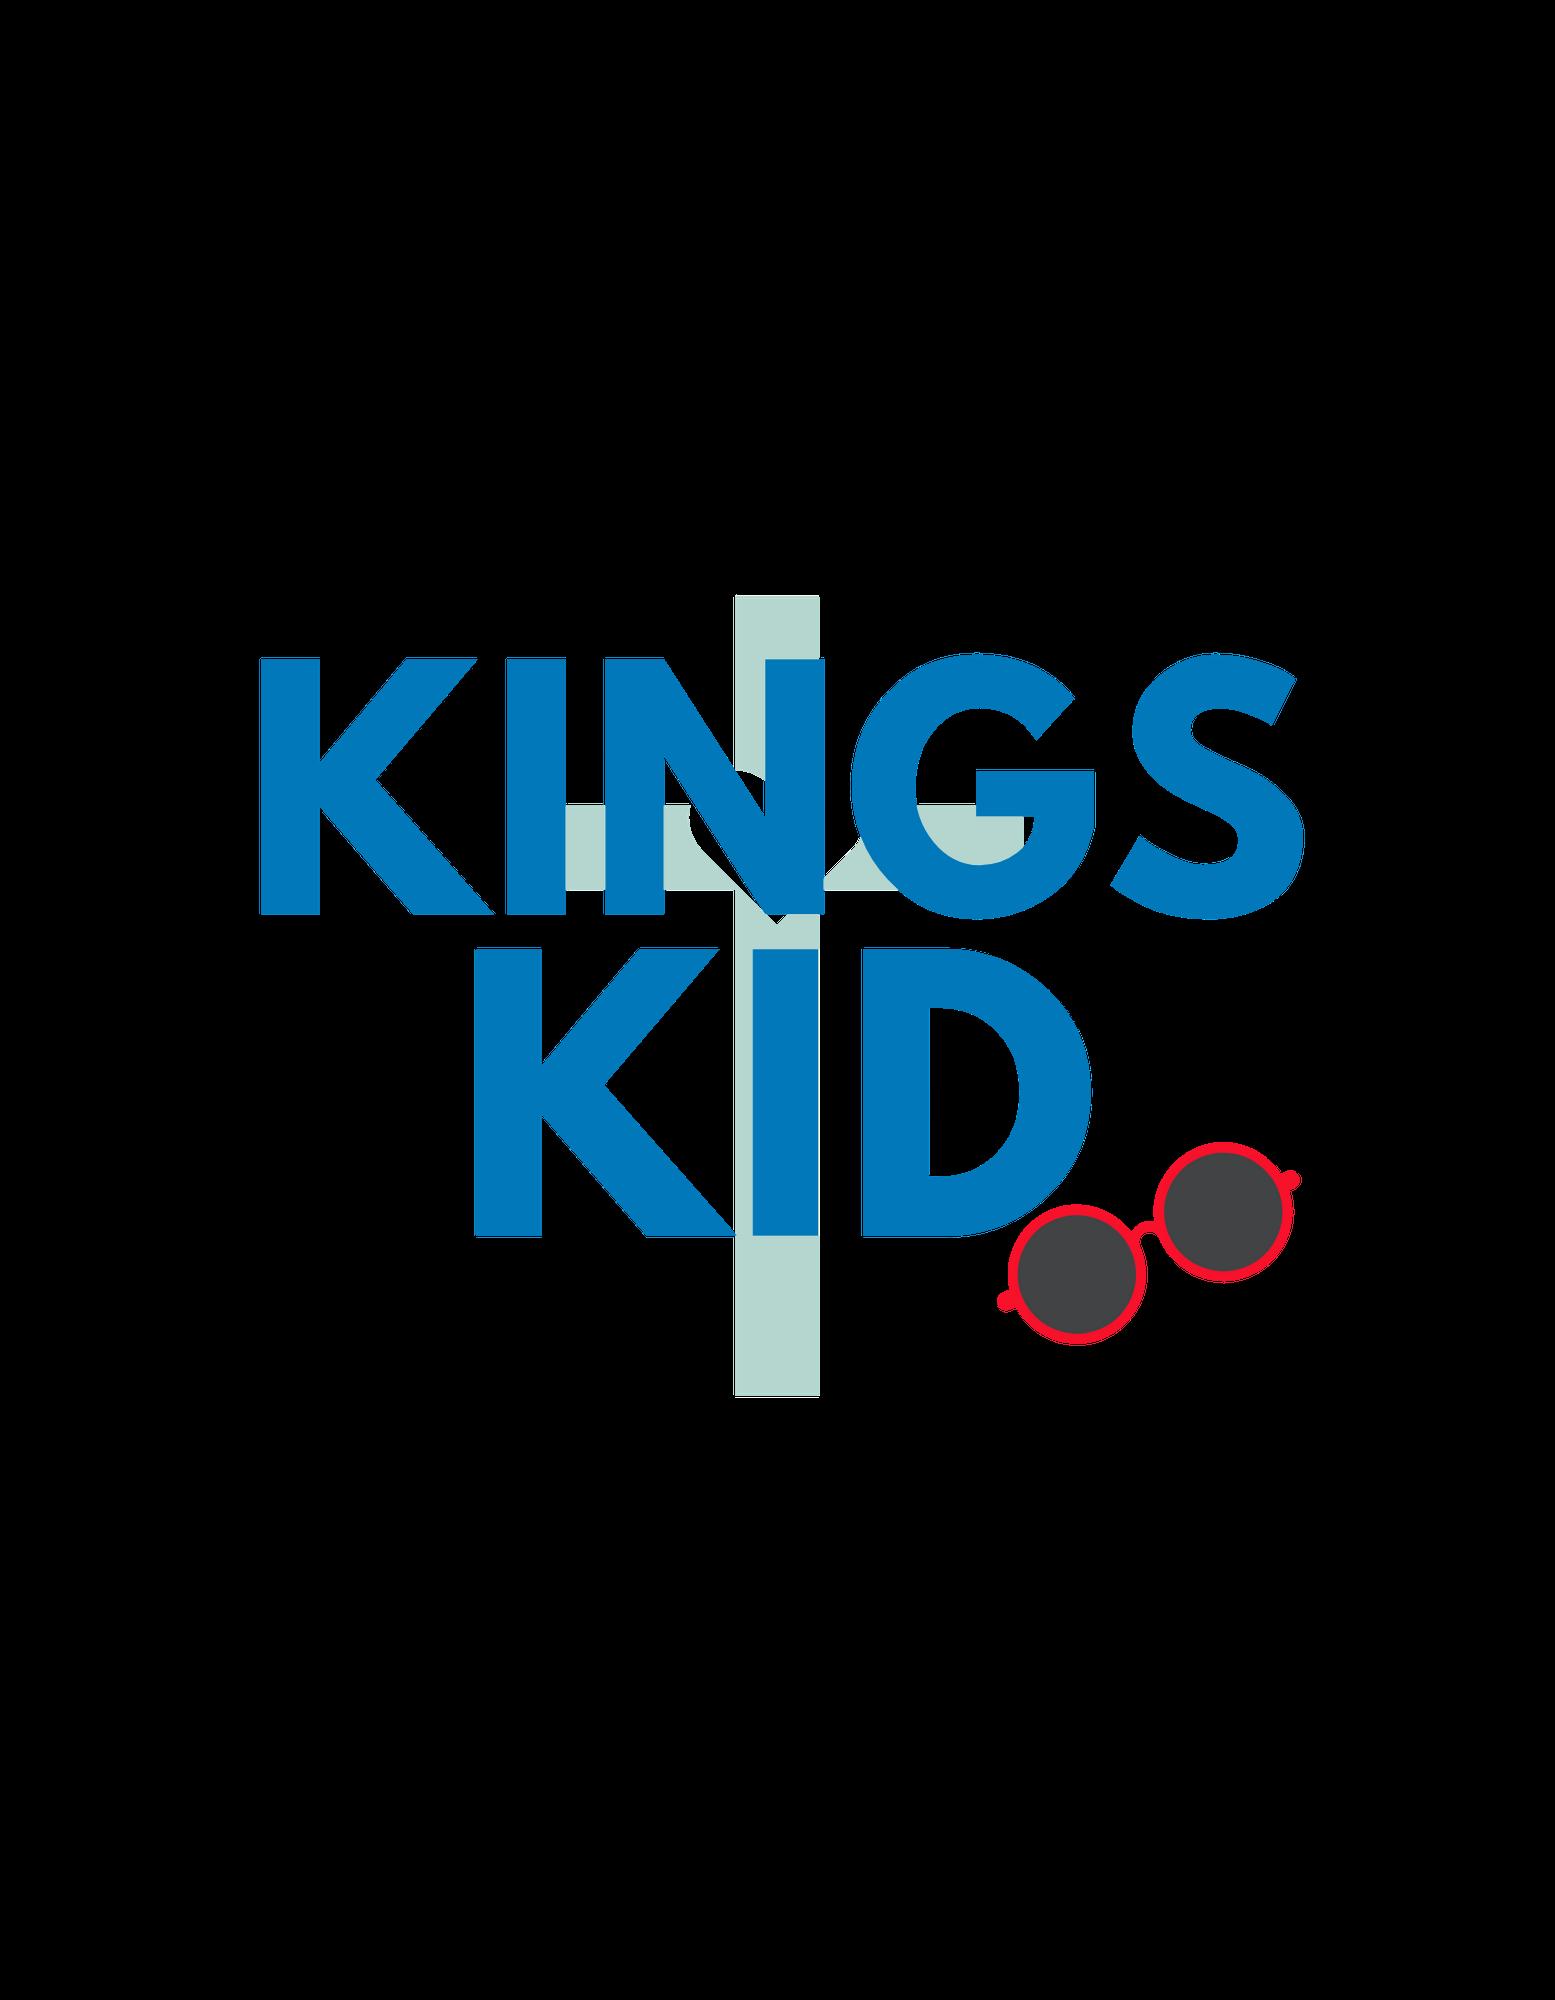 Kings Kid